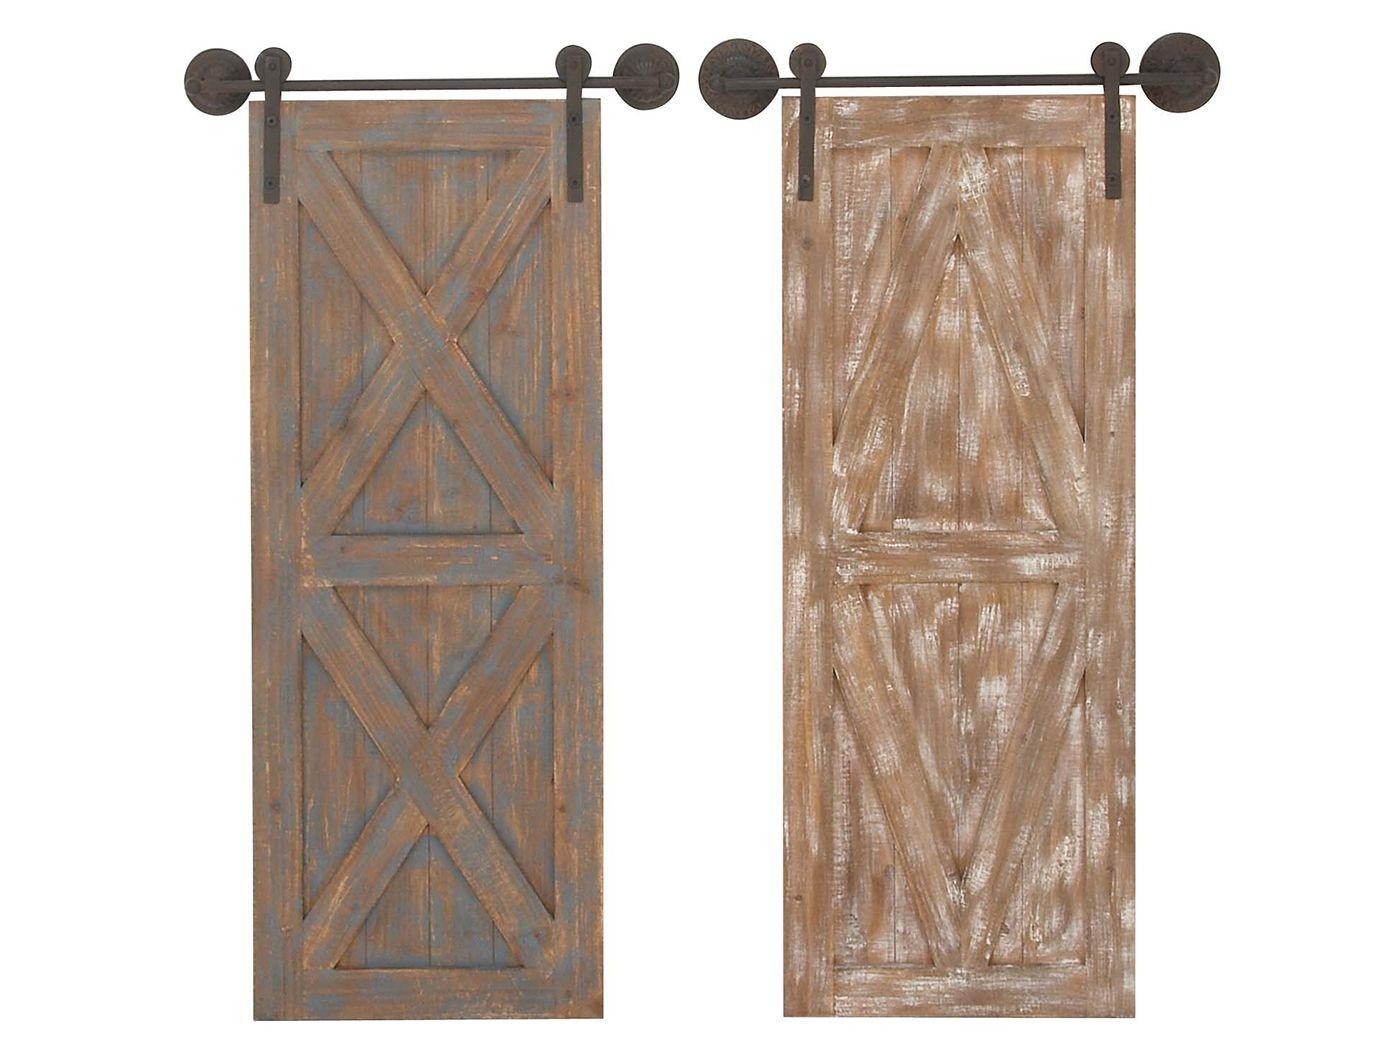 Wood And Metal Door Wall Decor Fair Barn Door Wall Decor  Wall Ideas  Pinterest  Barn Doors Wall Review